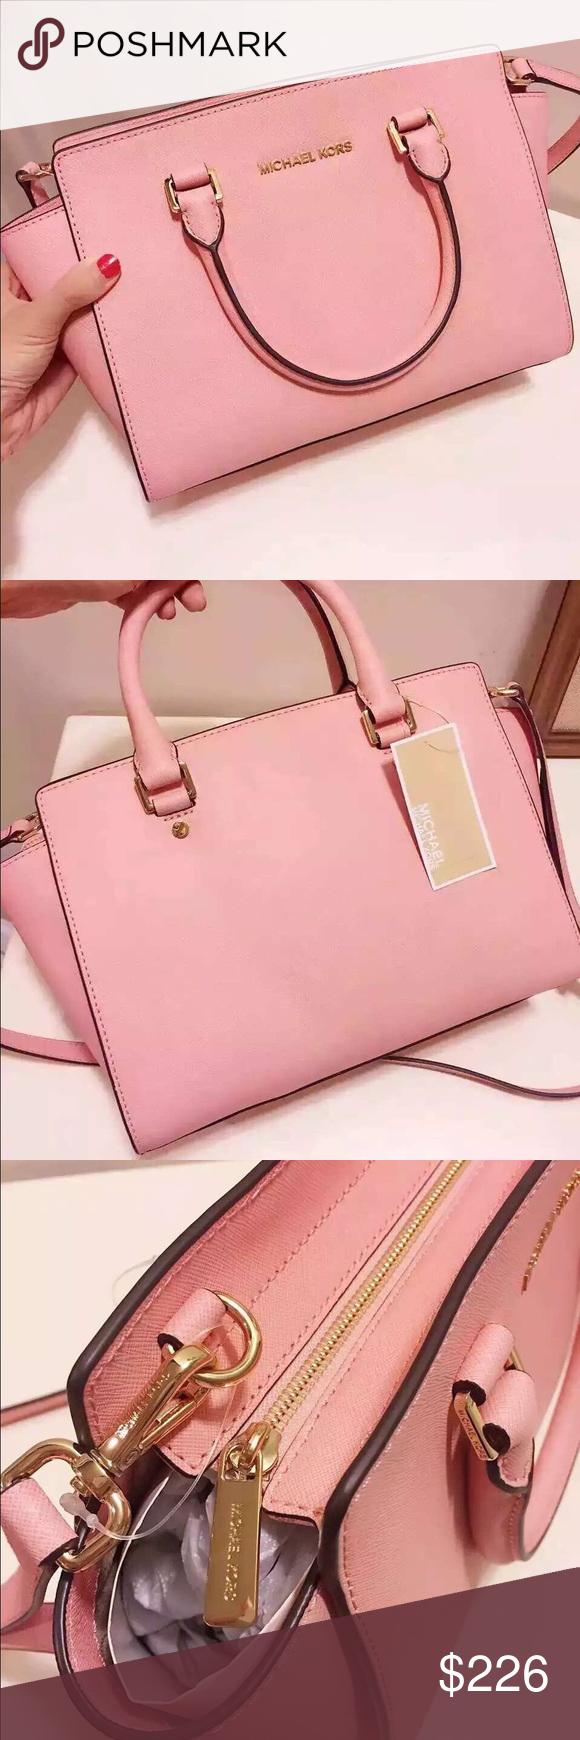 40a2dbe08c1fdb Brand New w/tag MK Selma Medium Satchel- Pale Pink Michael Kors Selma  Saffiano Leather Medium Satchel-Pale Pink 13''X8